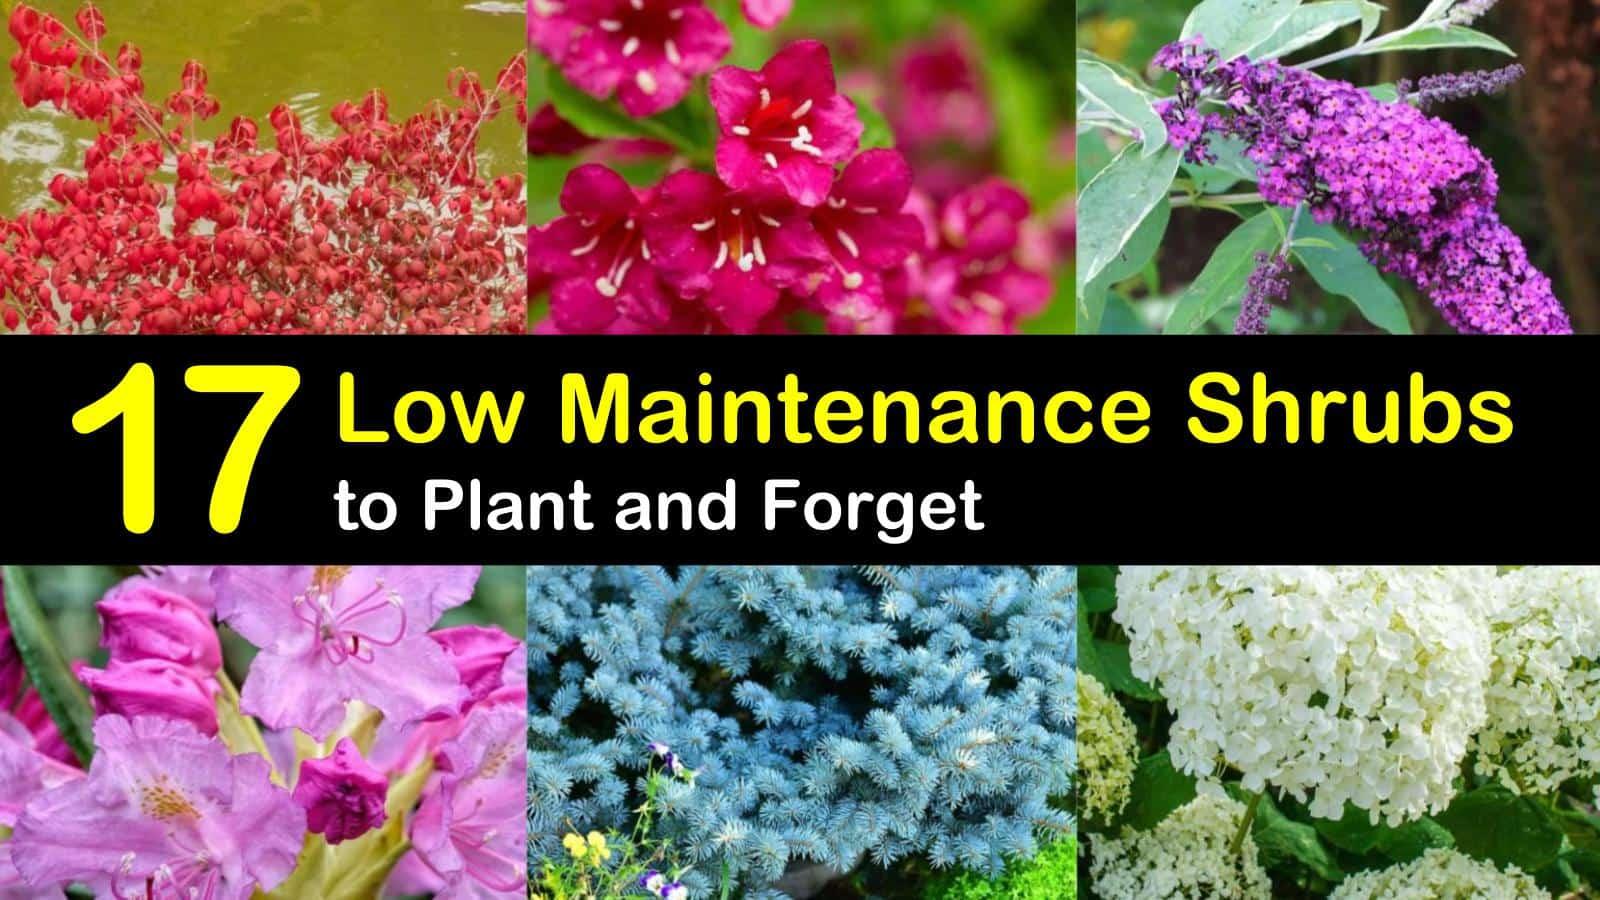 low maintenance shrubs titleimg1